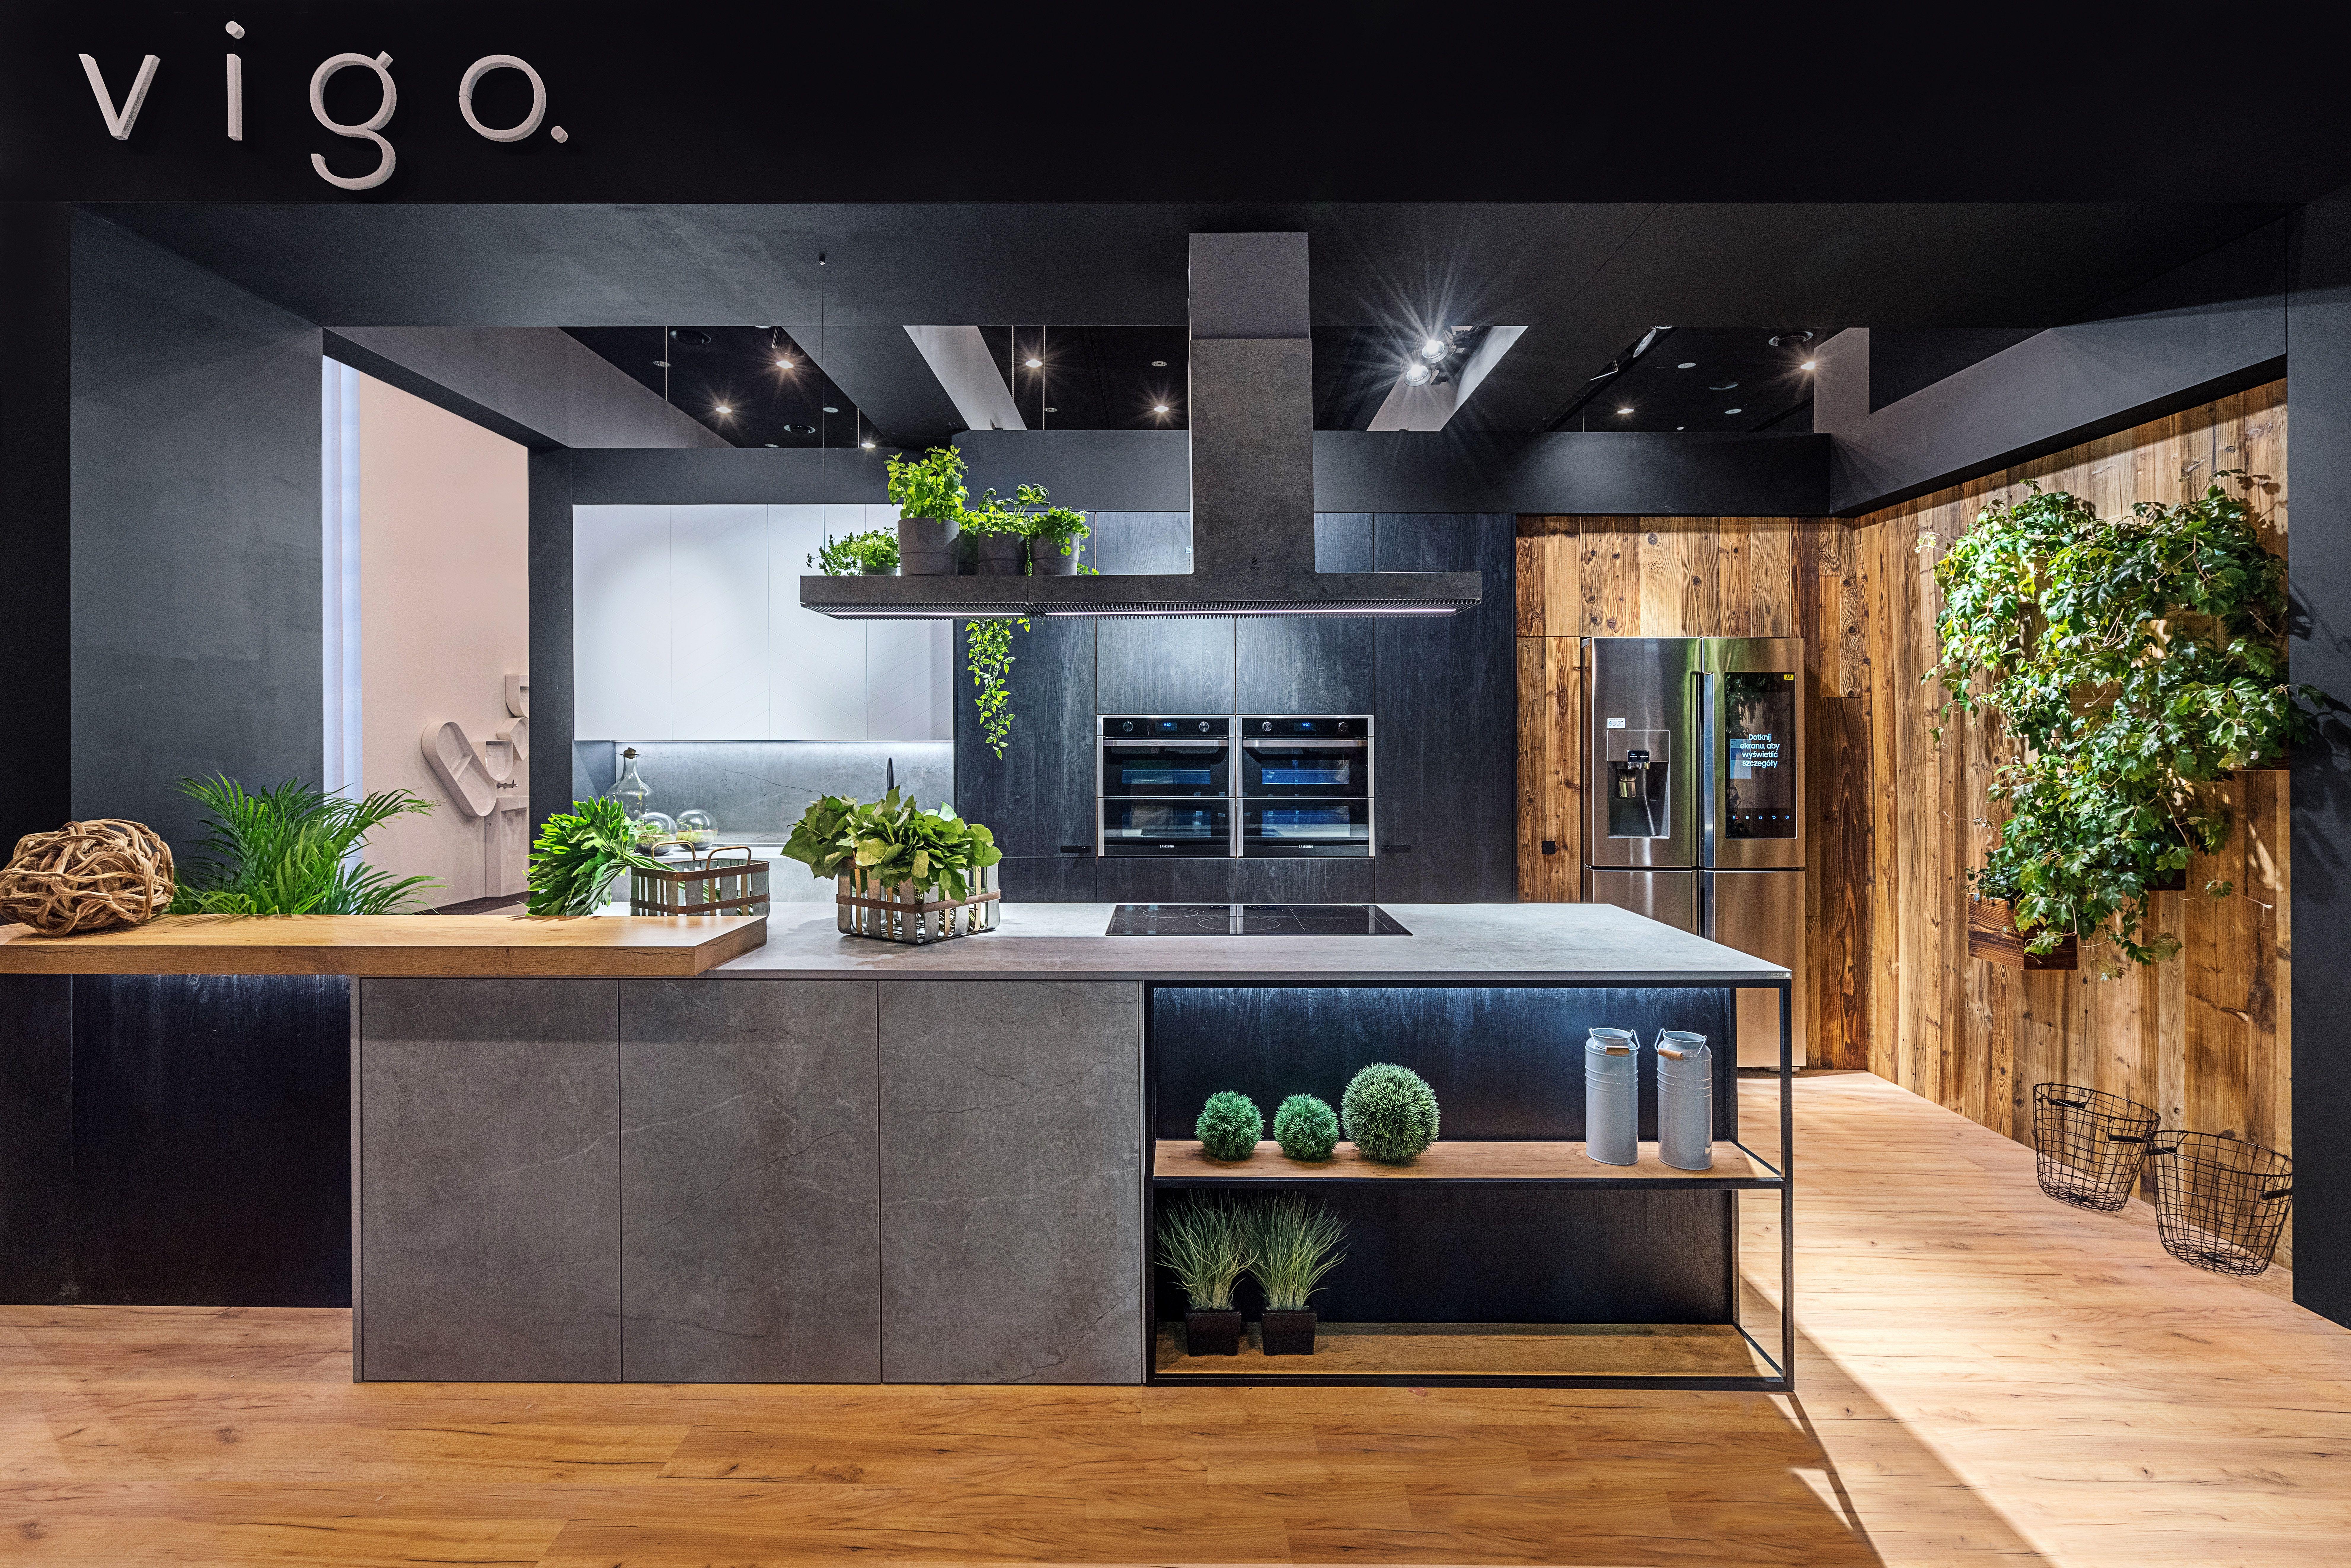 Kuchnia Floryo To Nowoczesna Forma Przelamana Sielskim Akcentem Drewna I Wszedobylska Zielenia Ku Kitchen Inspiration Design Modern Kitchen Design Home Decor